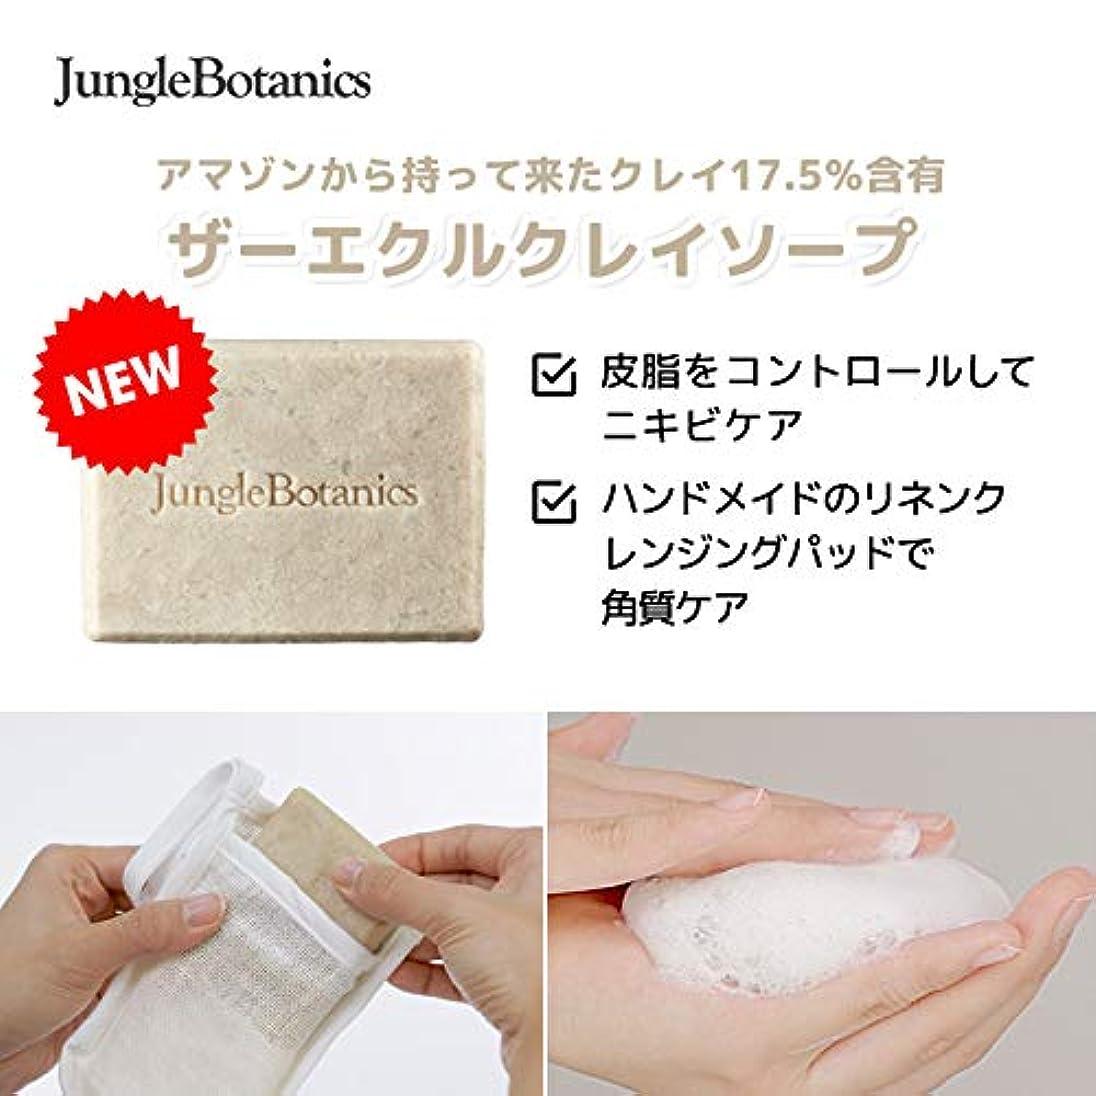 [JUNGLE BOTANICS] ザーエクルクレイソープ110g, [JUNGLE BOTANICS] The Ecru Clay Soap 110g [並行輸入品] …